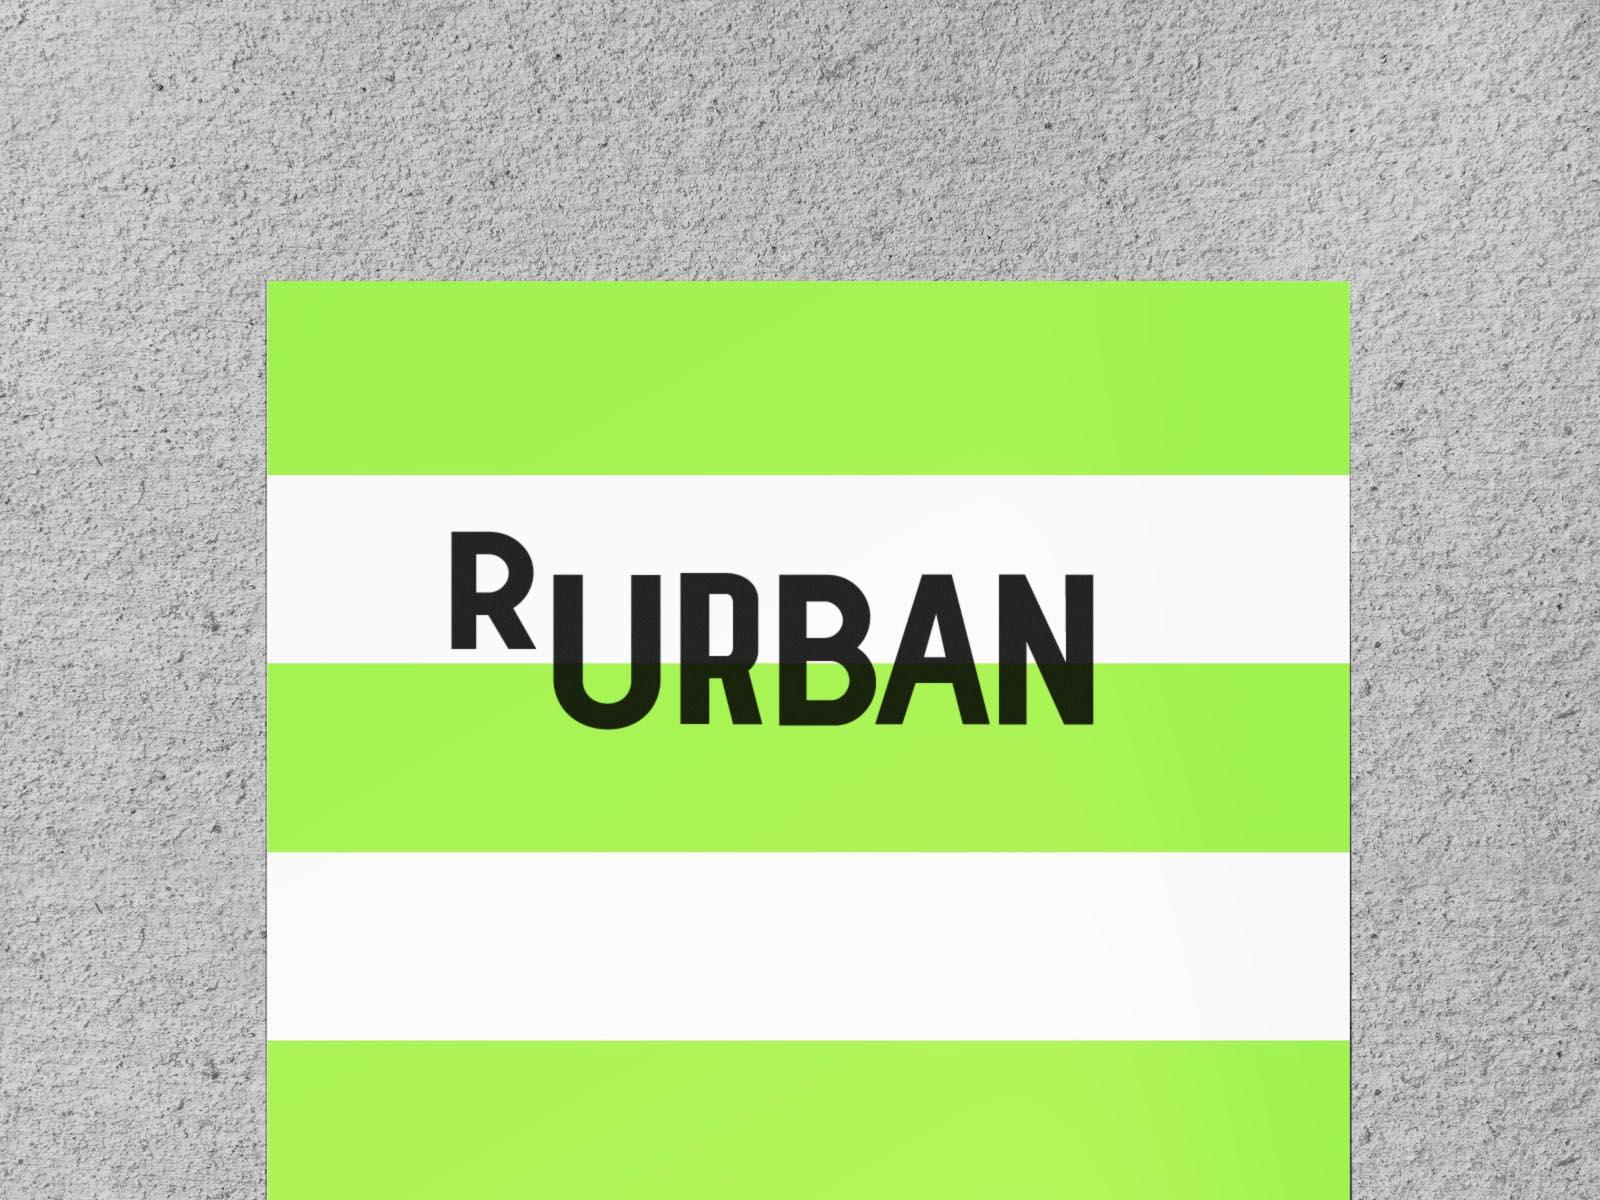 R urban 00 copy